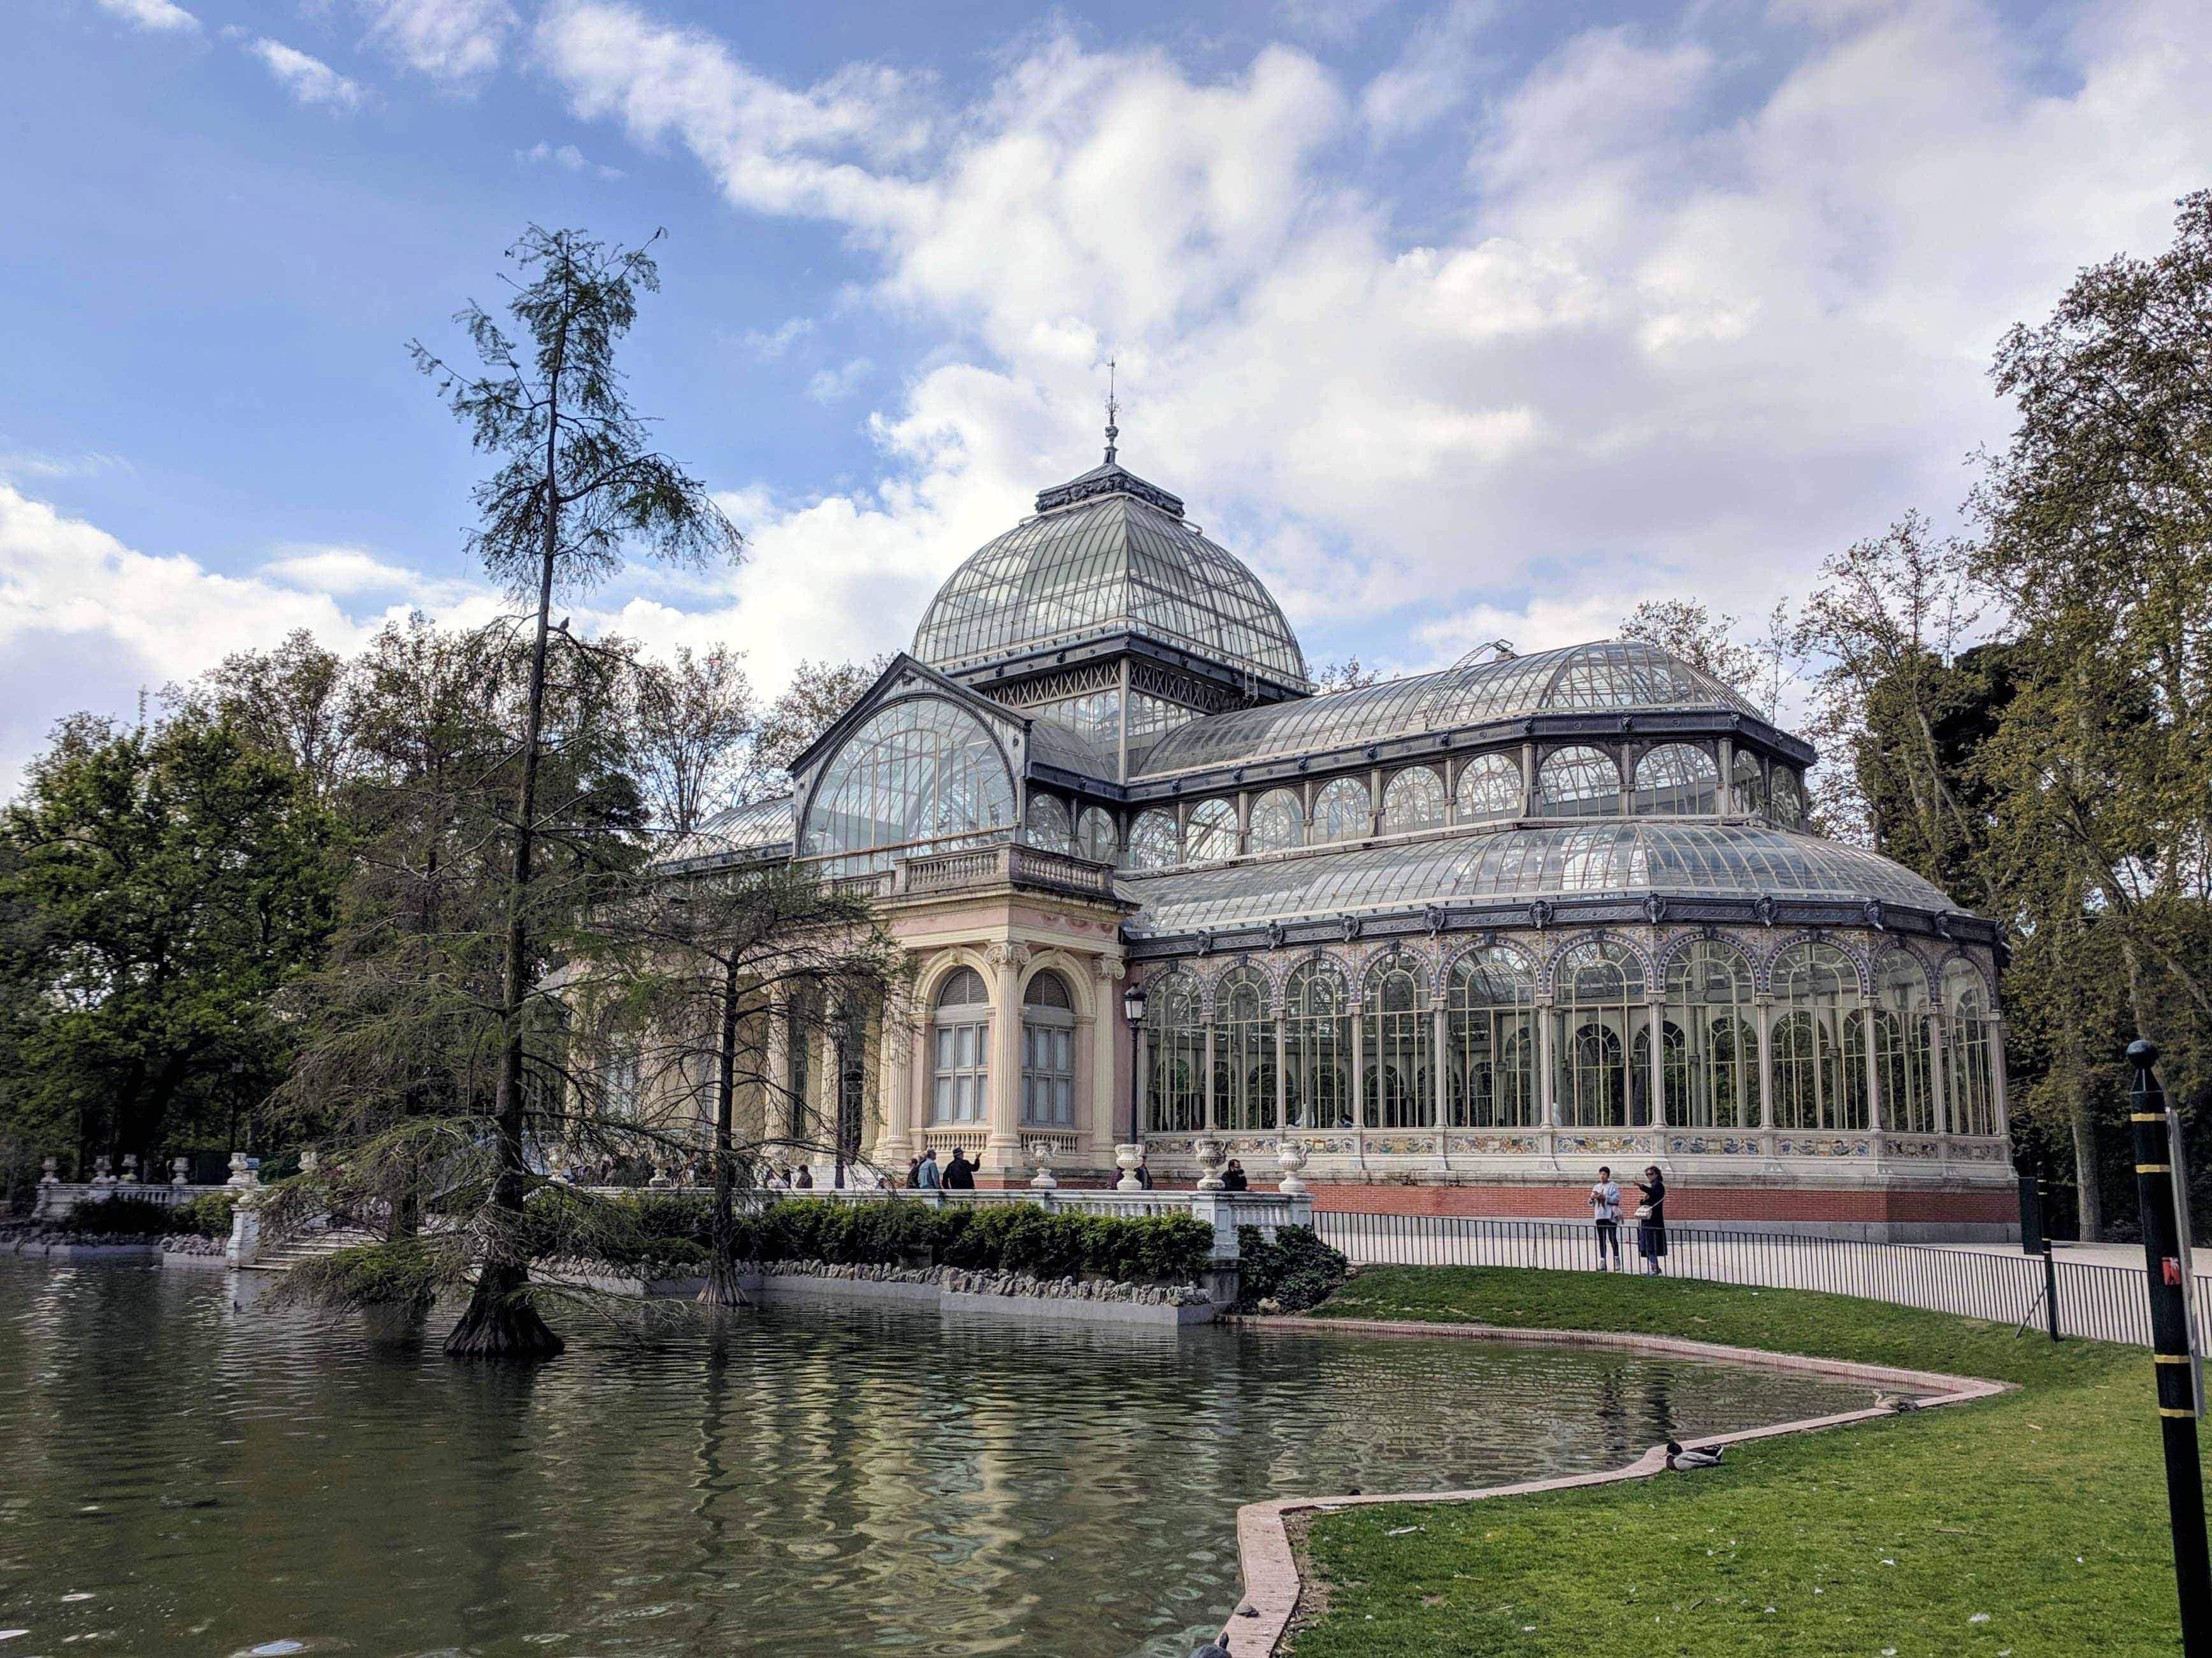 Palacio de Cristal, Retiro Park